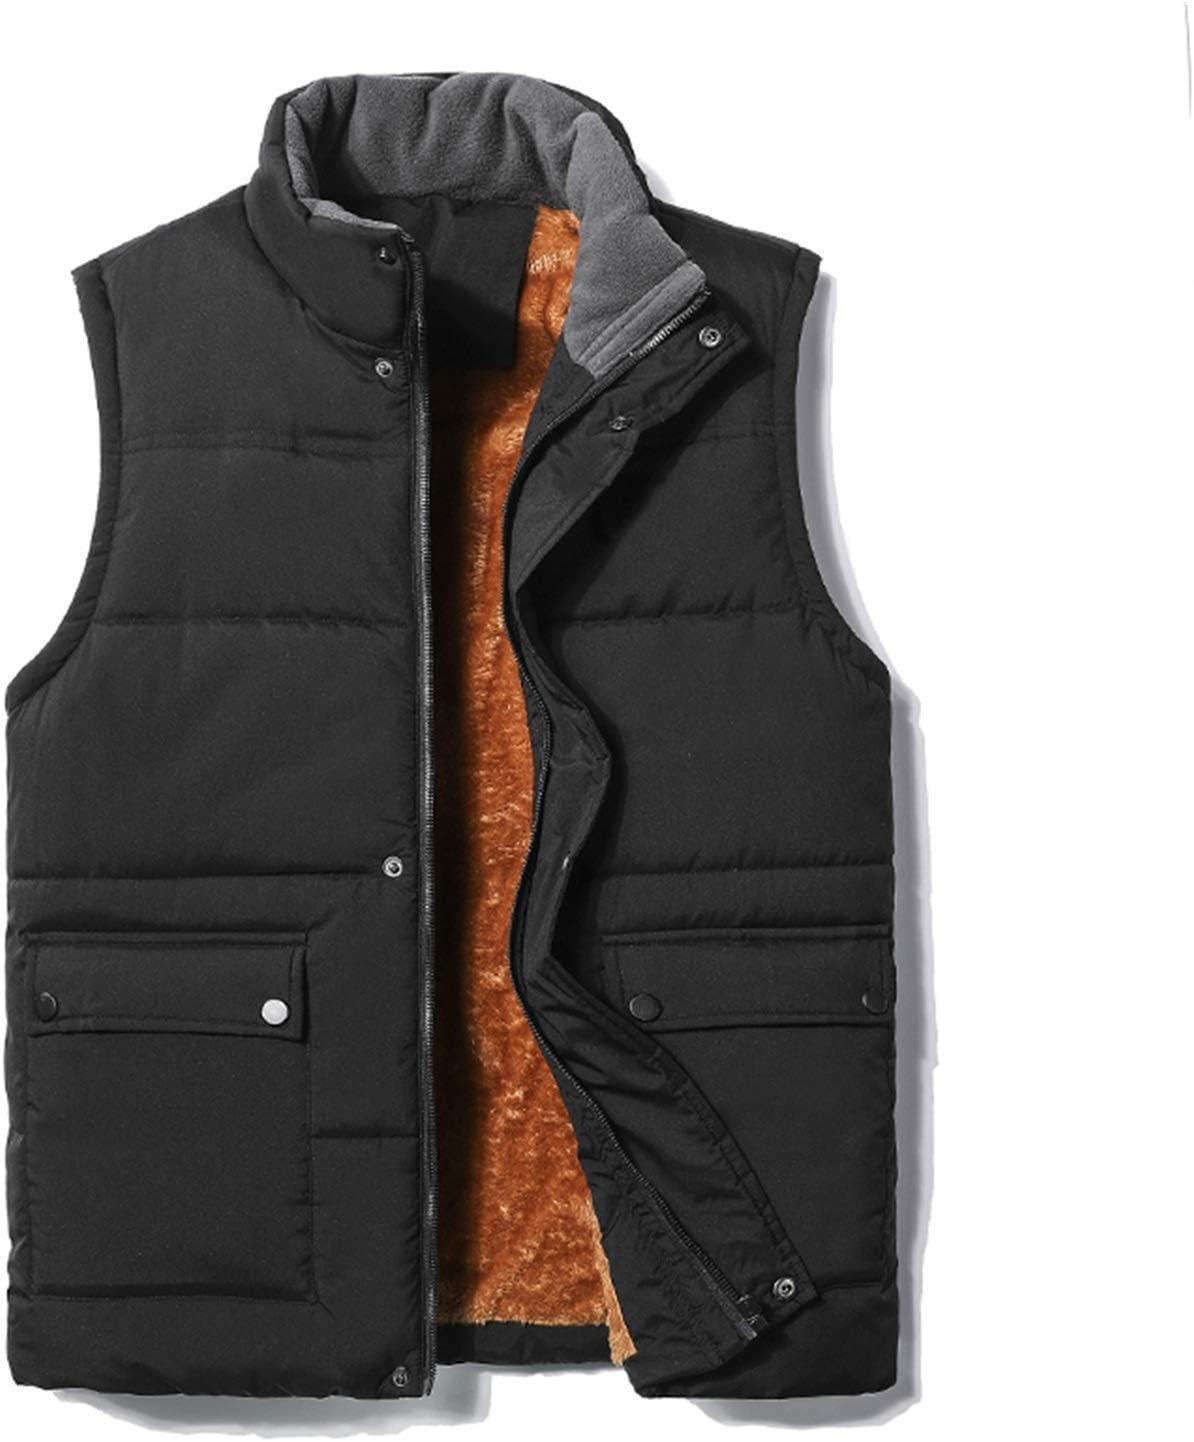 LYLY Vest Women Men's Vest Zipper Button Casual Coats Male Pure Color Autumn Winter Sleeveless Waistcoat Fleece Warm Vest Top Coat 5XL Vest Warm (Color : Black, Size : L)